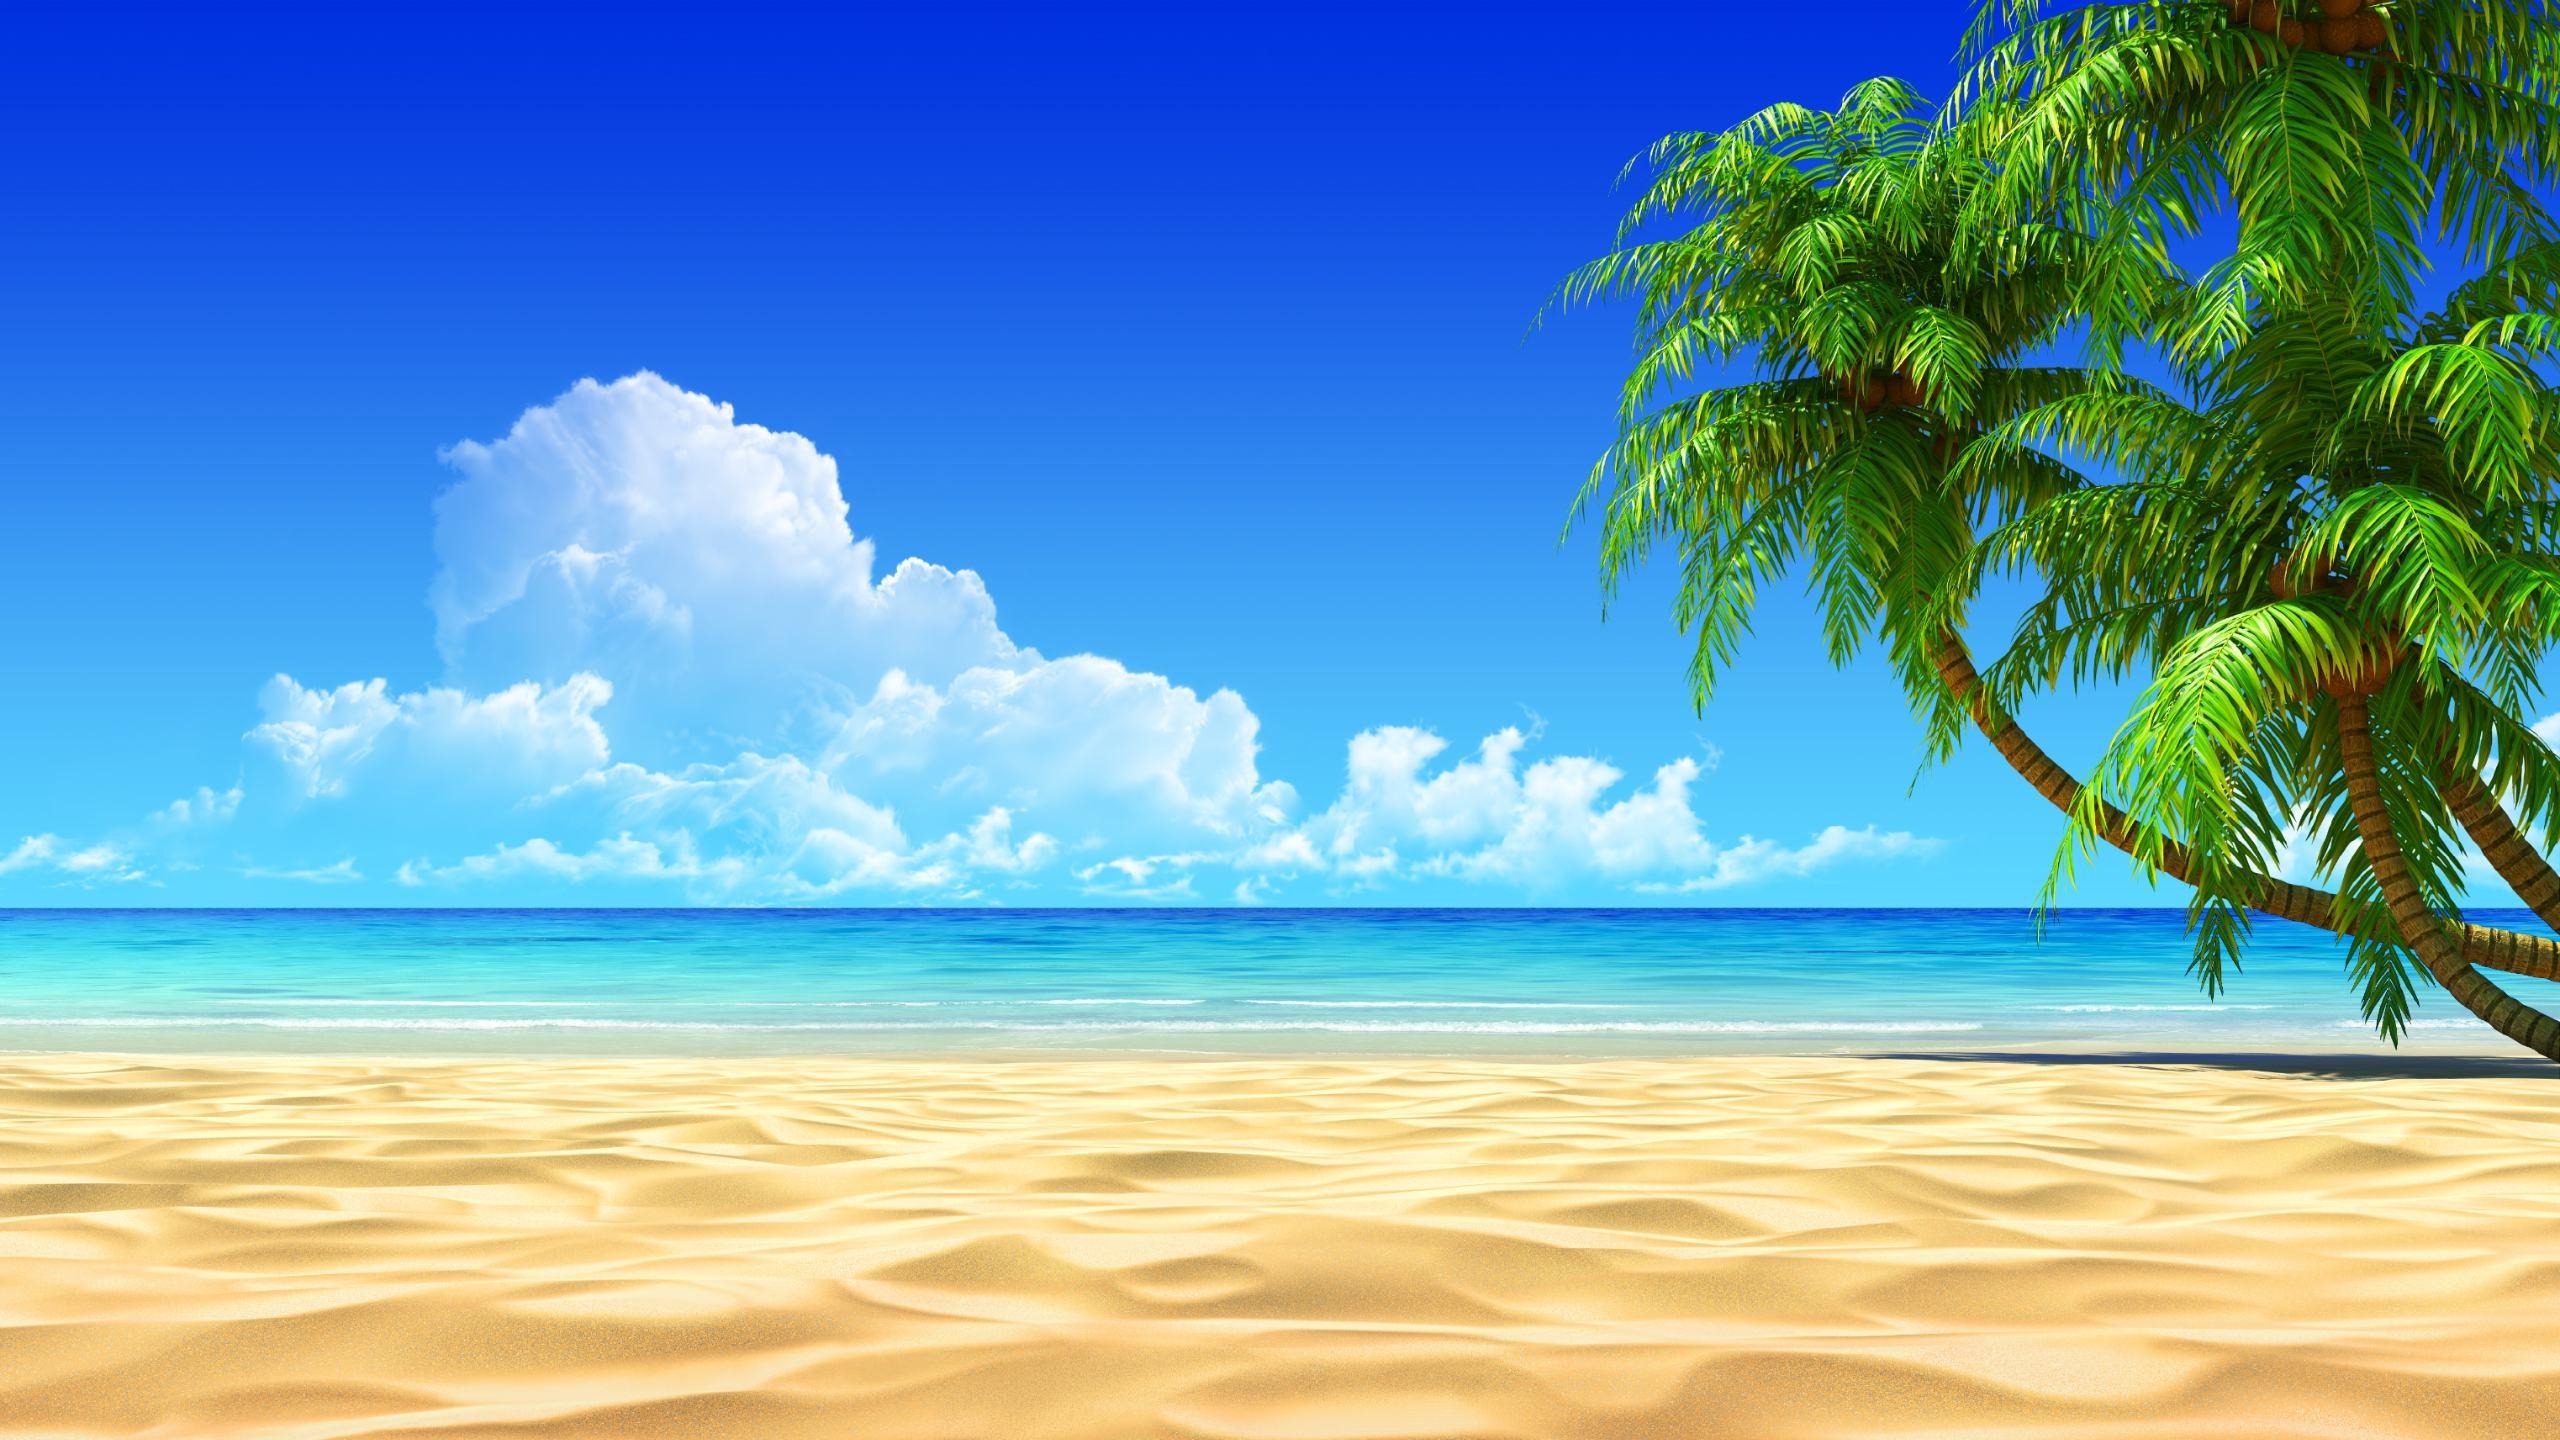 Beach island clipart 2